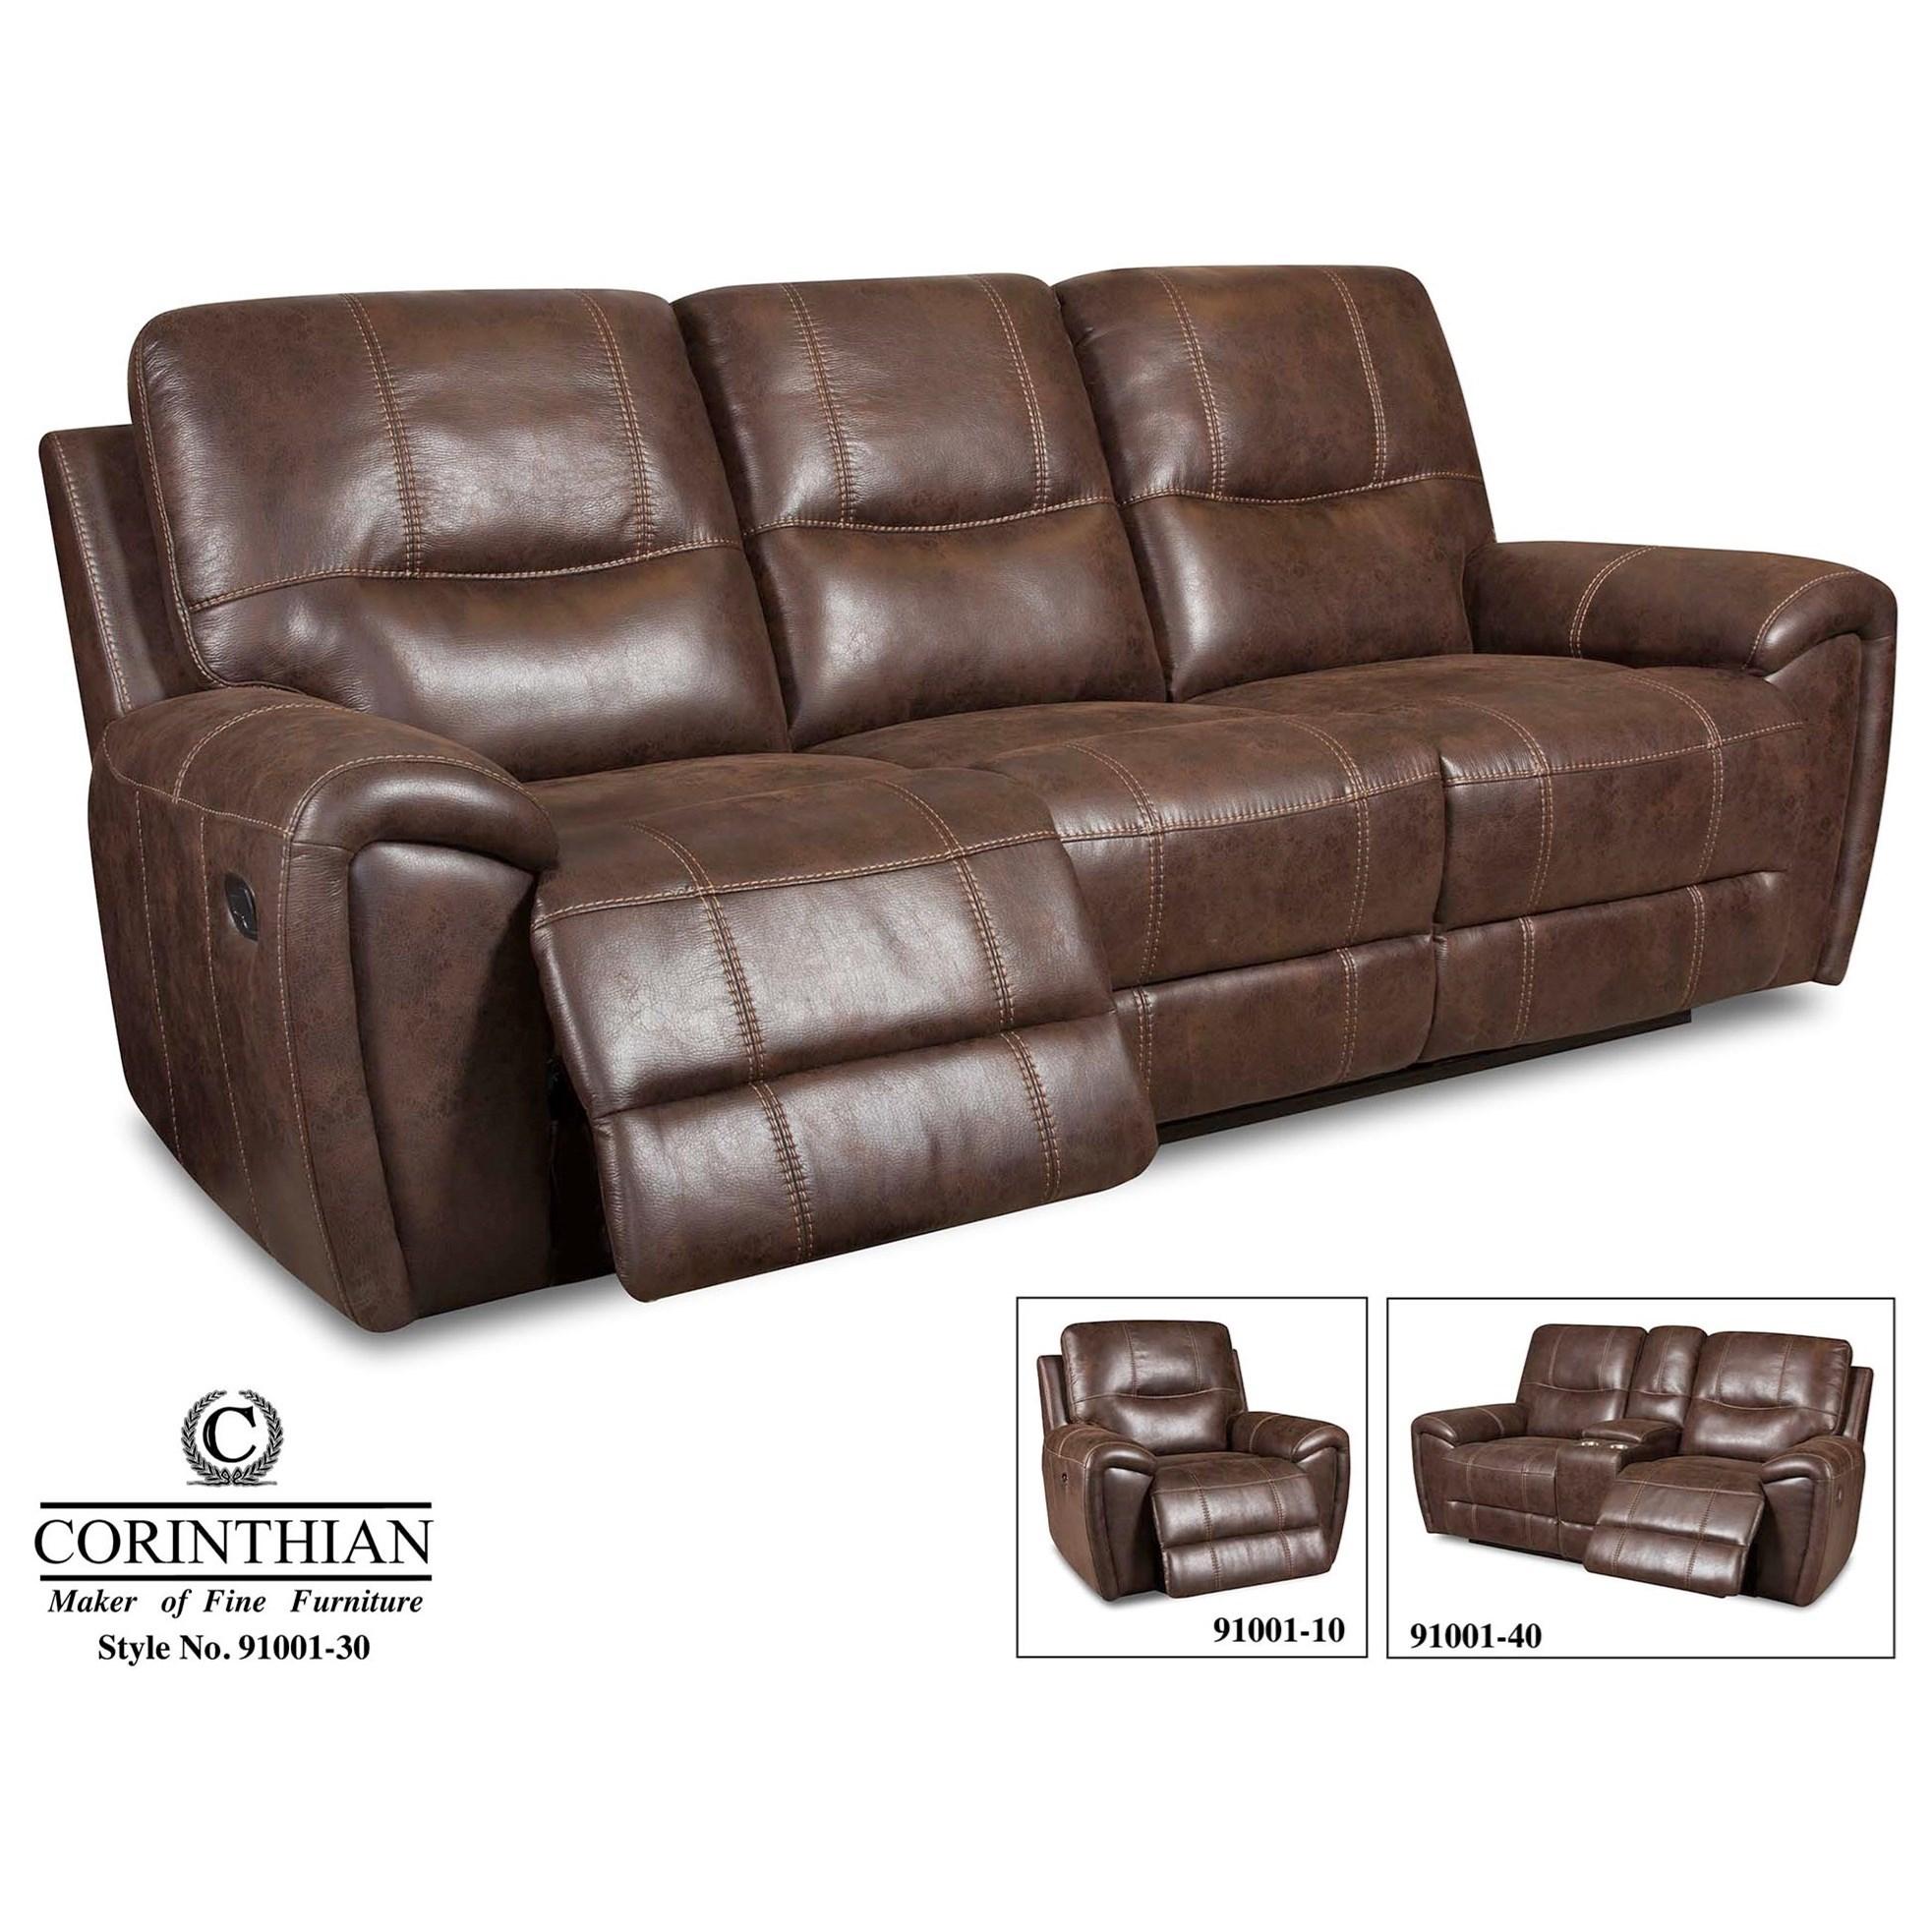 corinthian sofas ava tufted sleeper sofa canada 91001 casual reclining miskelly